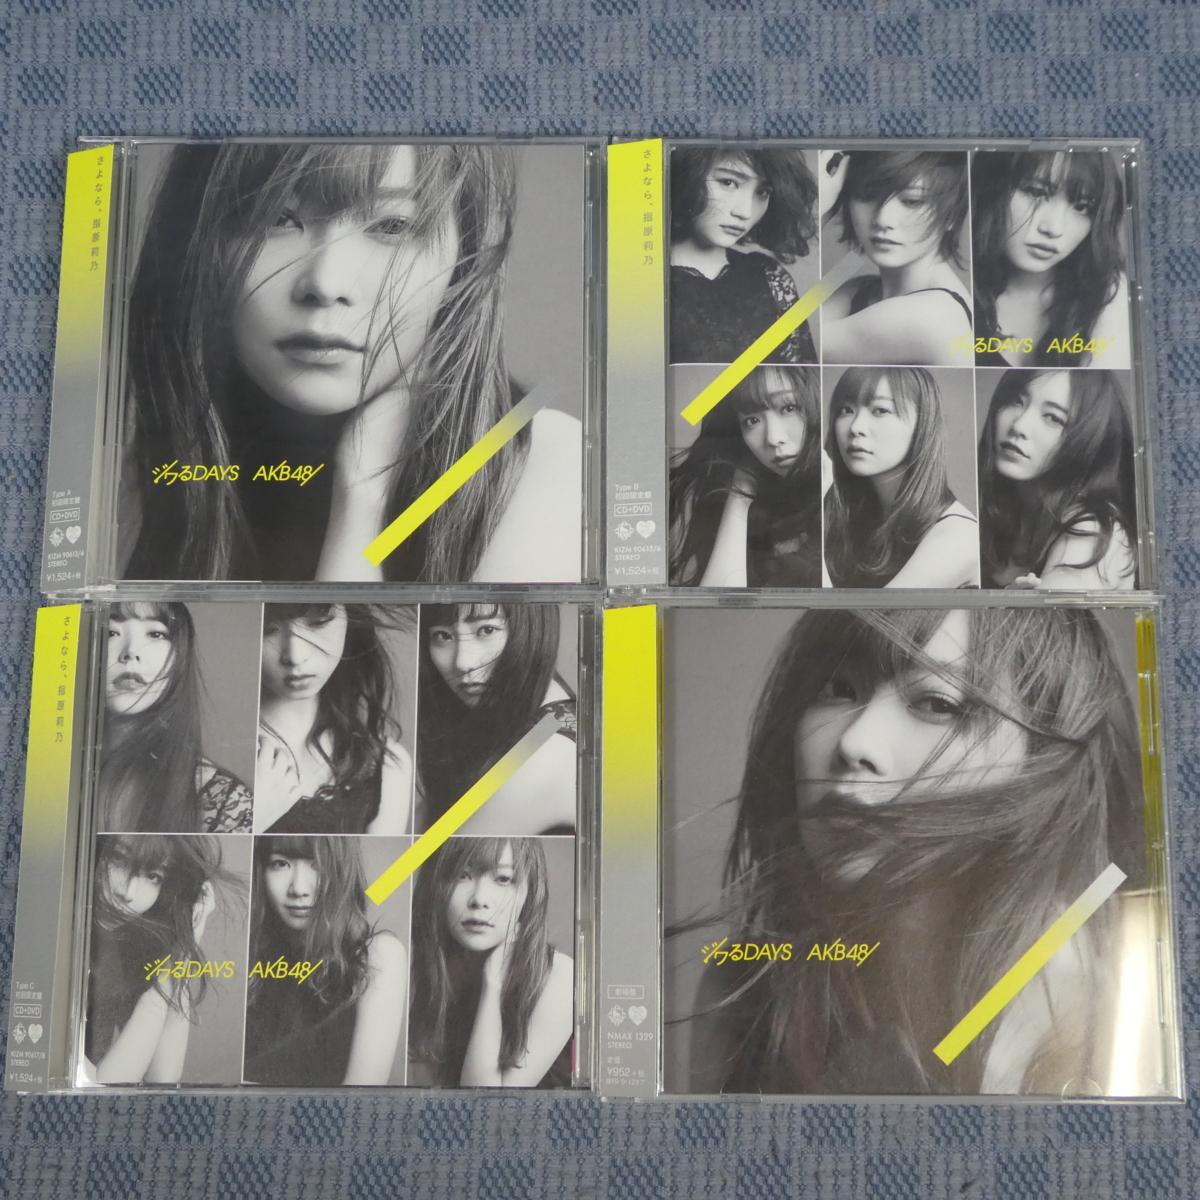 JA040●AKB48「ジワるdays」Type-A・B・C 劇場盤 CD4点セット イベント参加券・生写真付き_画像1